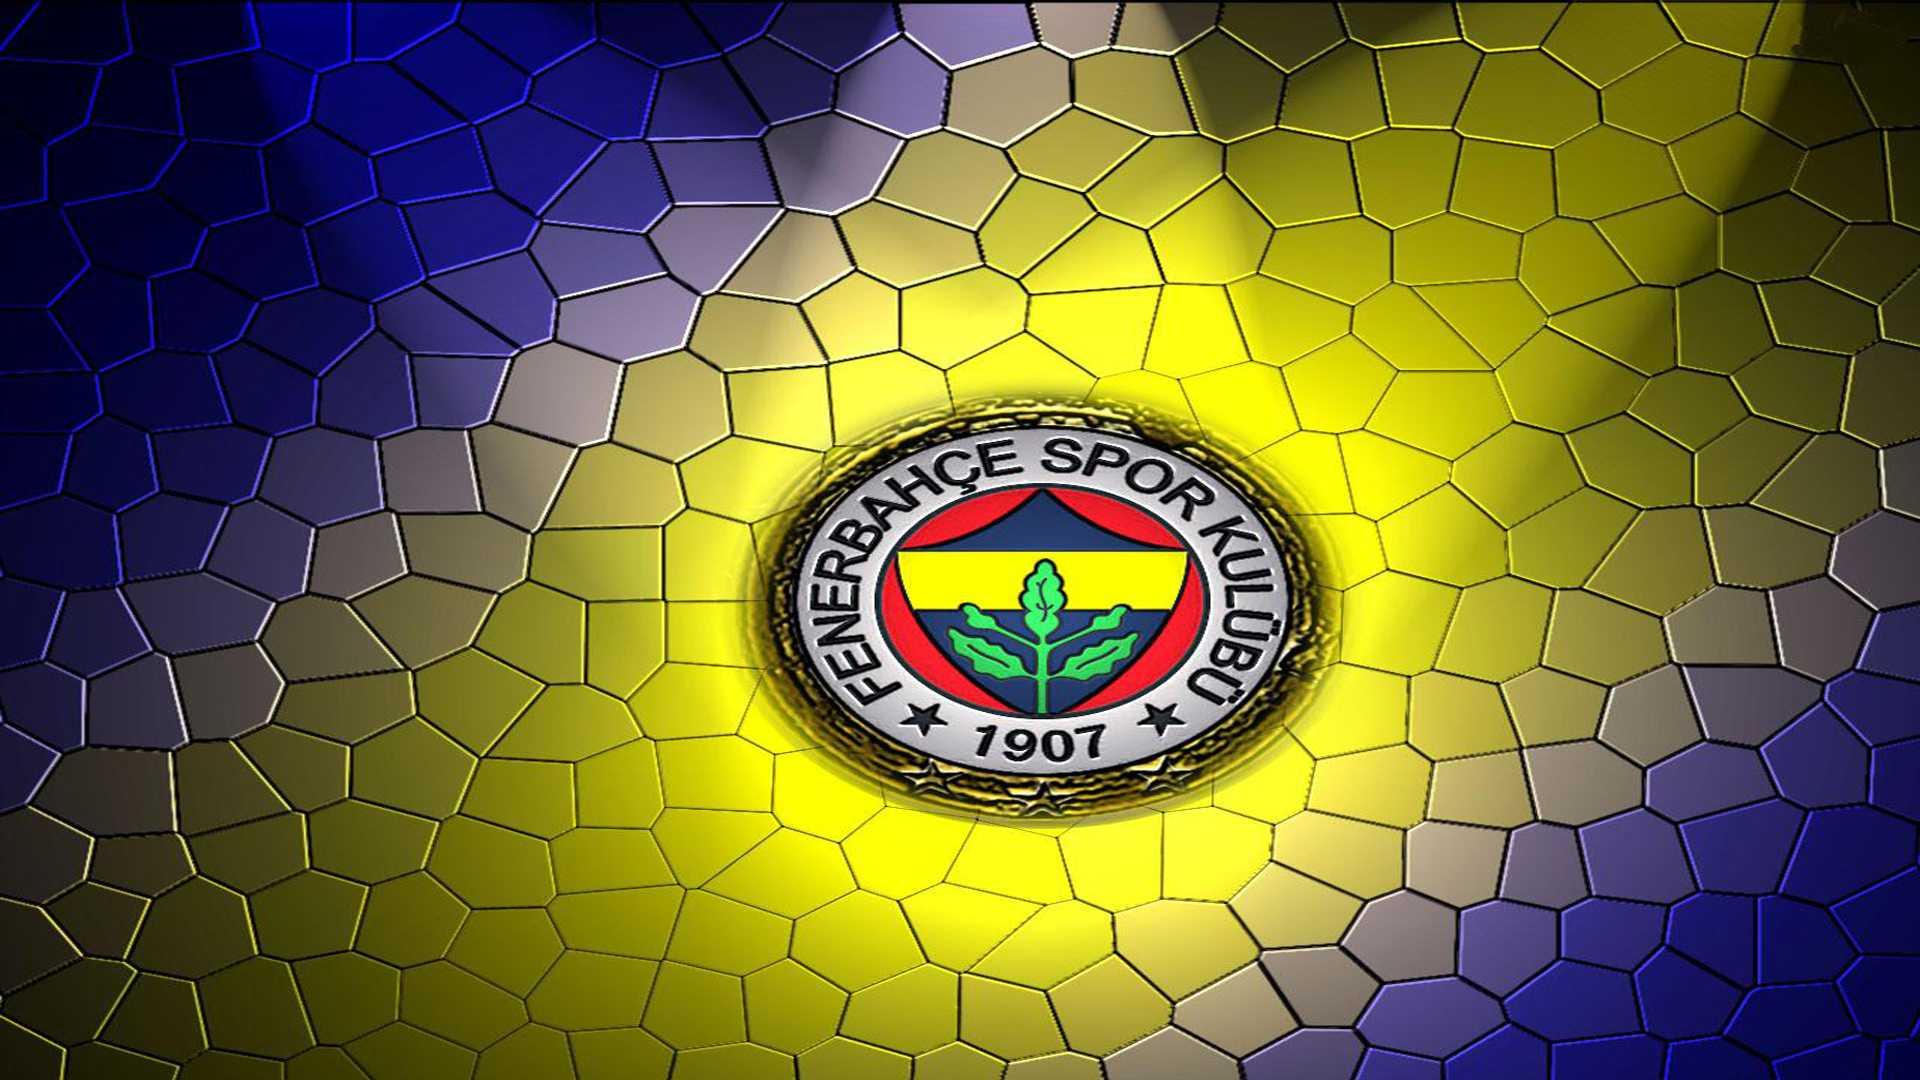 Fenerbahçe Masaüstü Duvar Kağıtları Apk Oyun Ve Uygulama Indirme